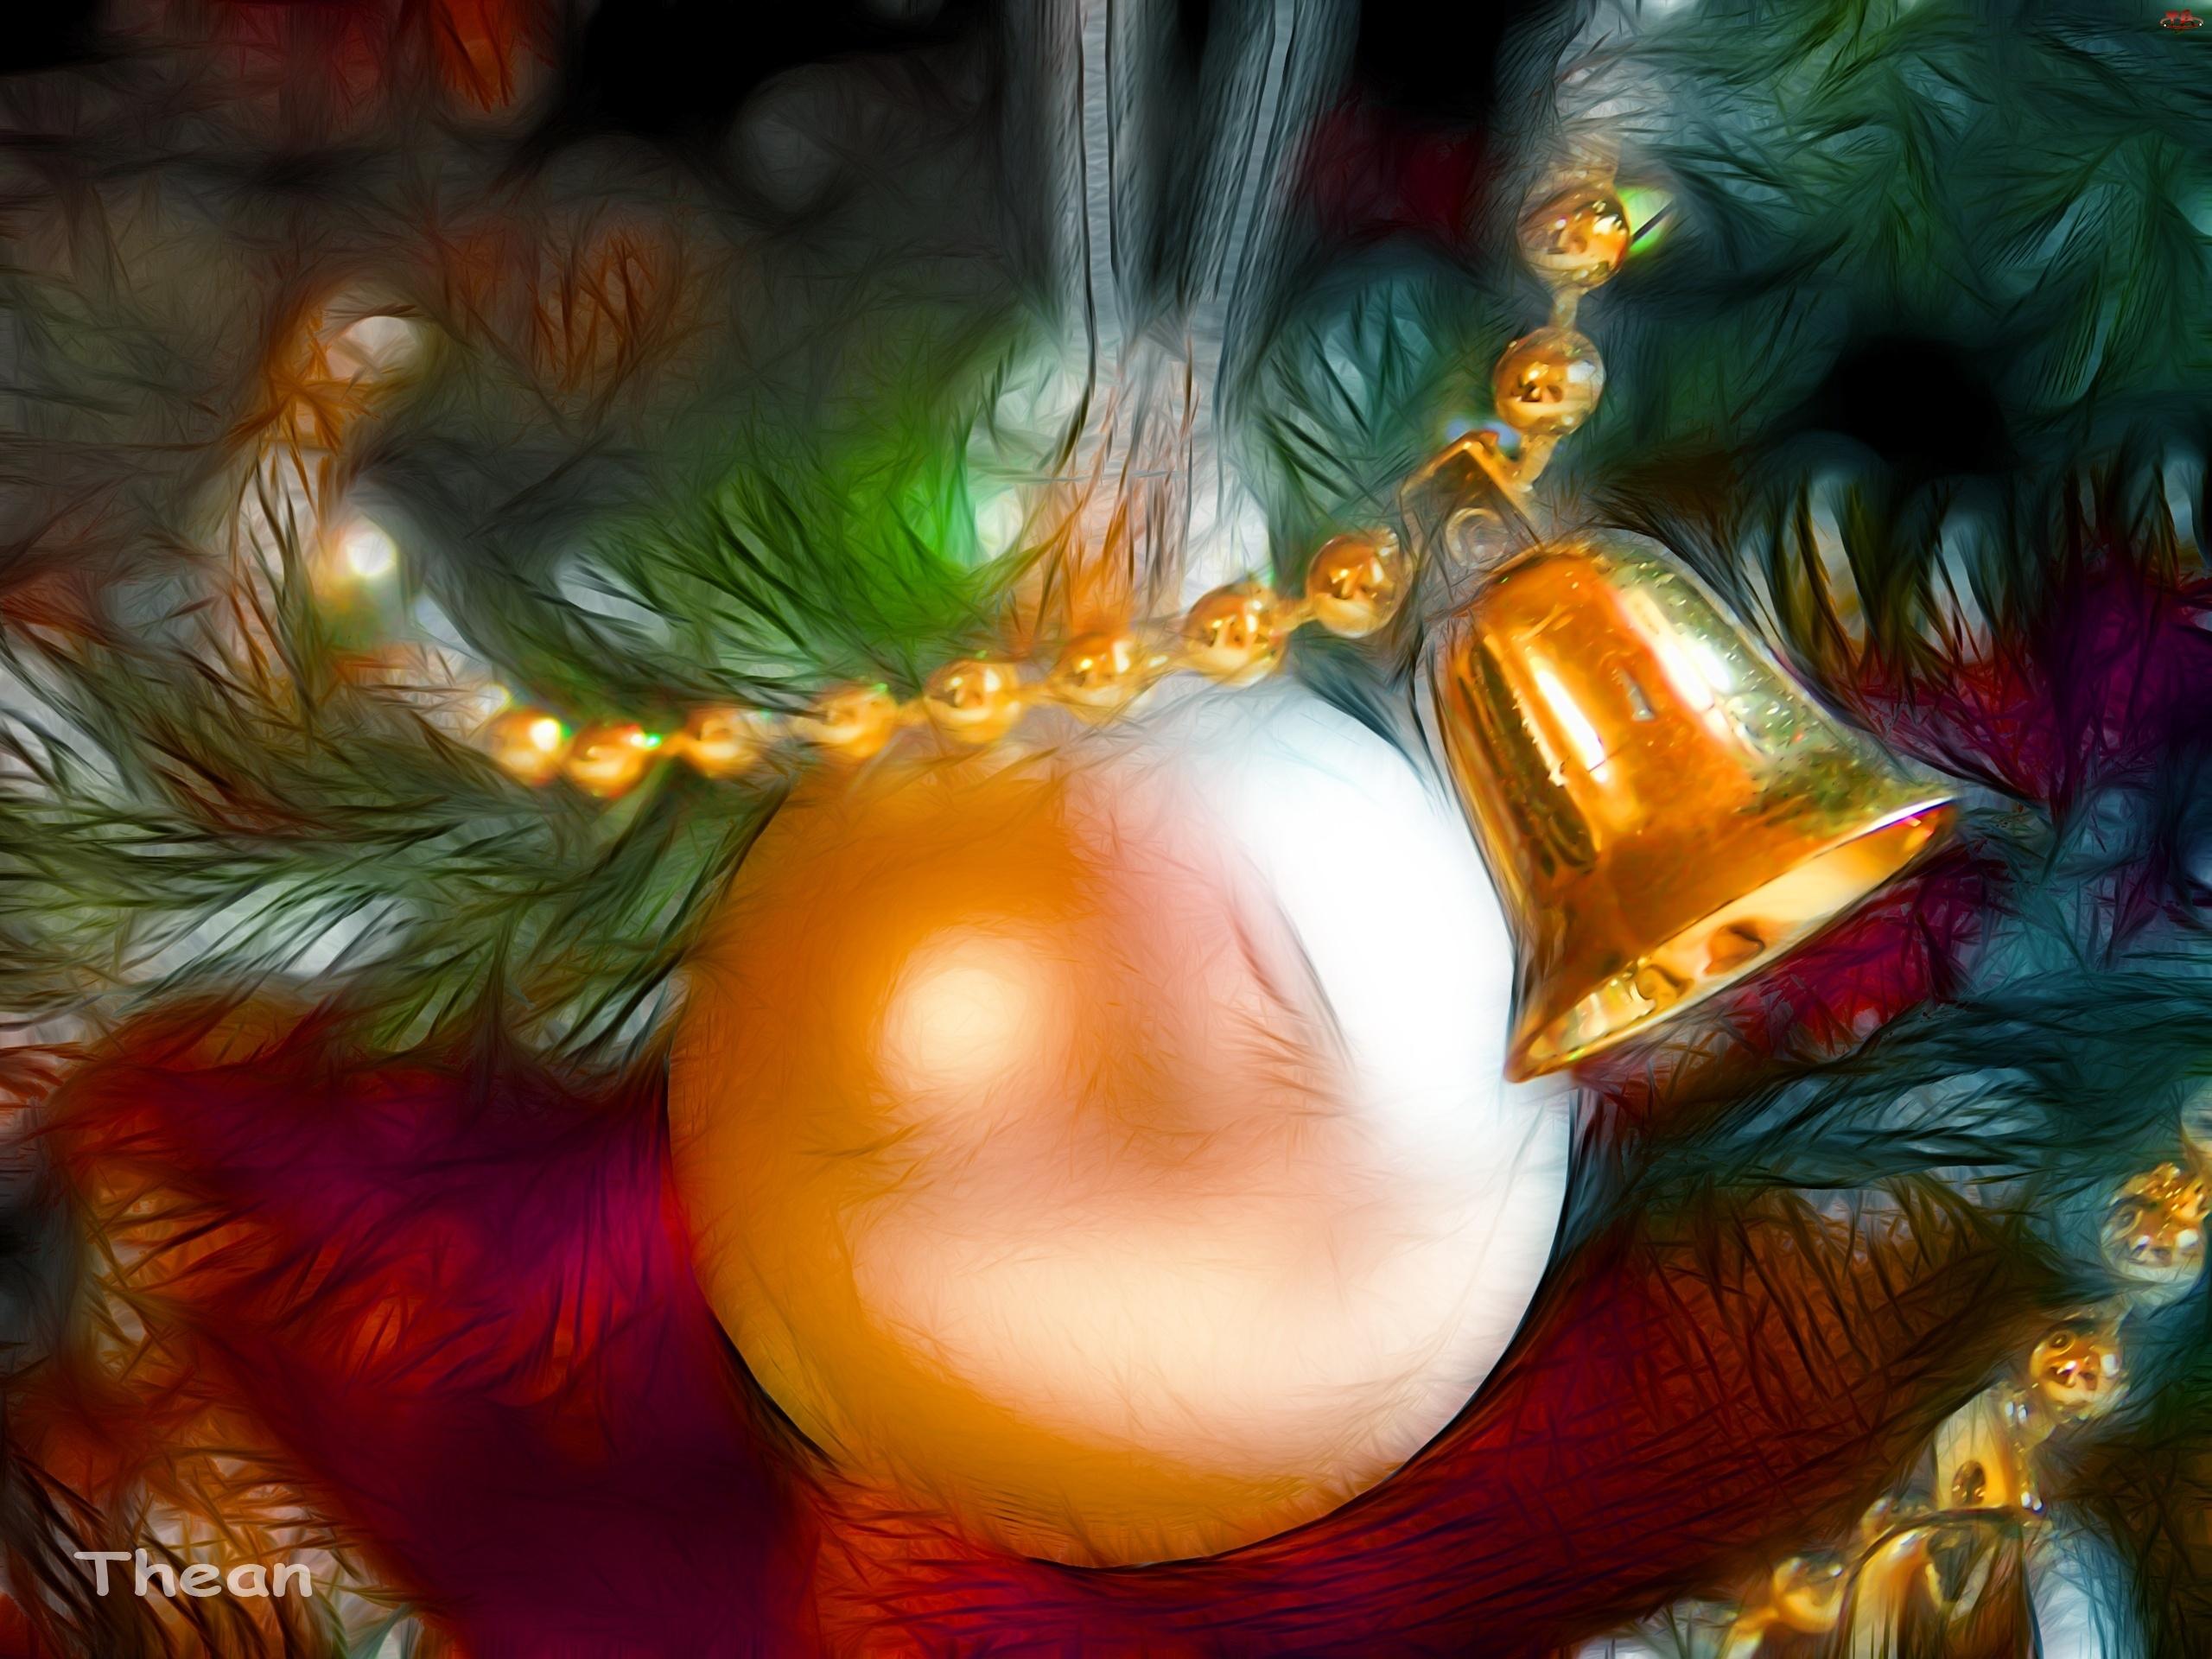 Bombka, Święta, Boże, Fractalius, Narodzenie, Dzwoneczek